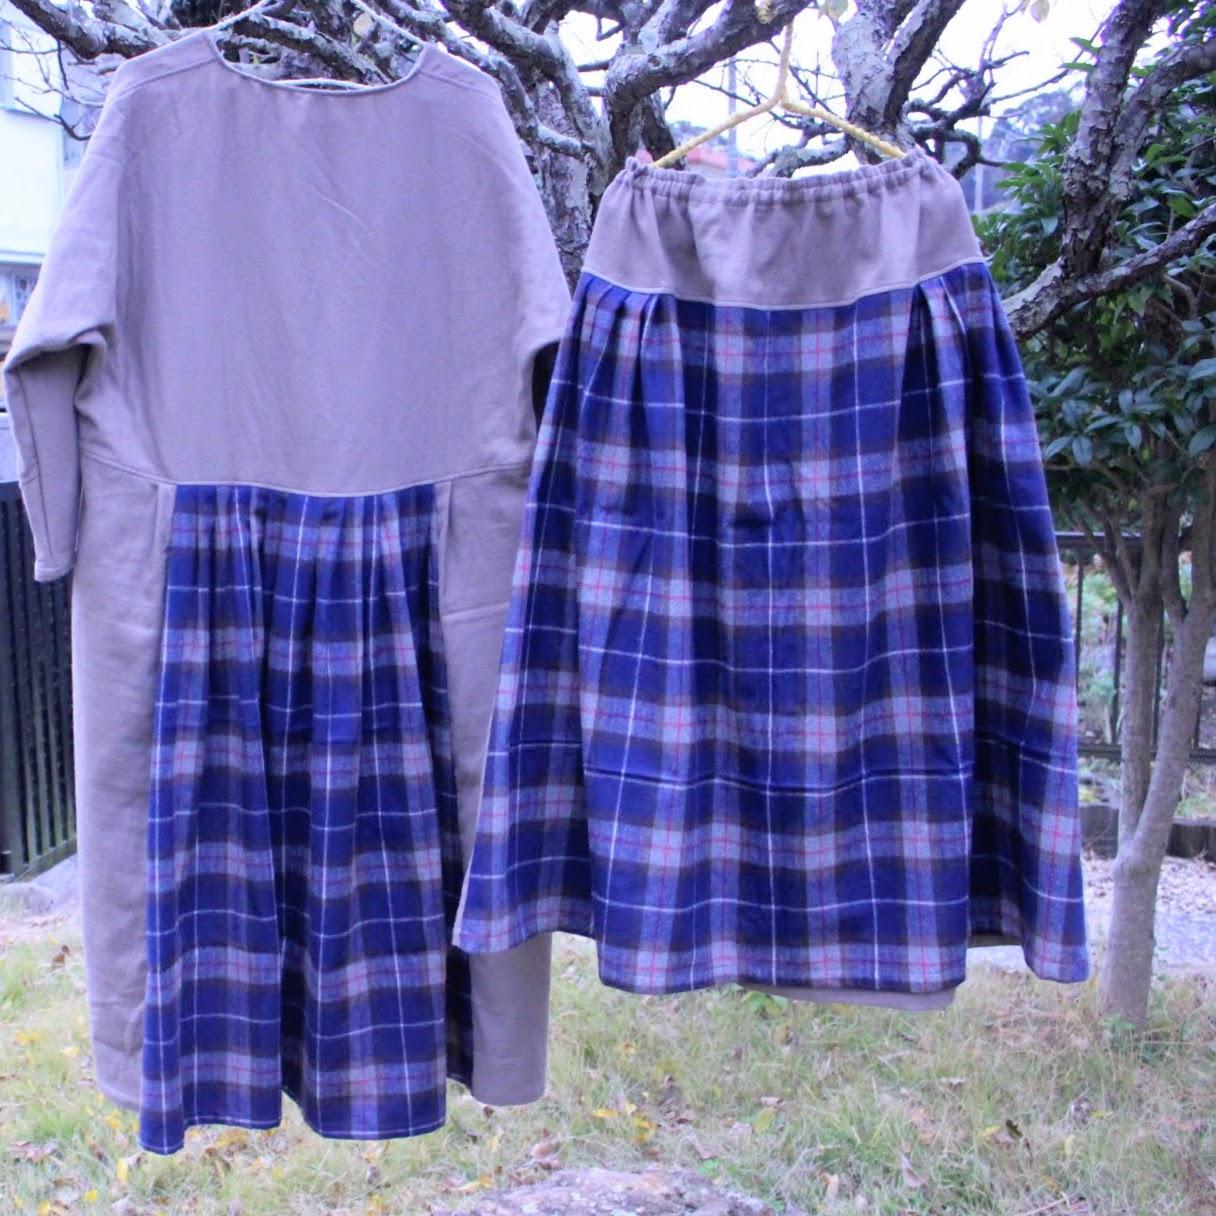 冬のお洋服は、ウール。そんなウール好きさんのためのスカート。